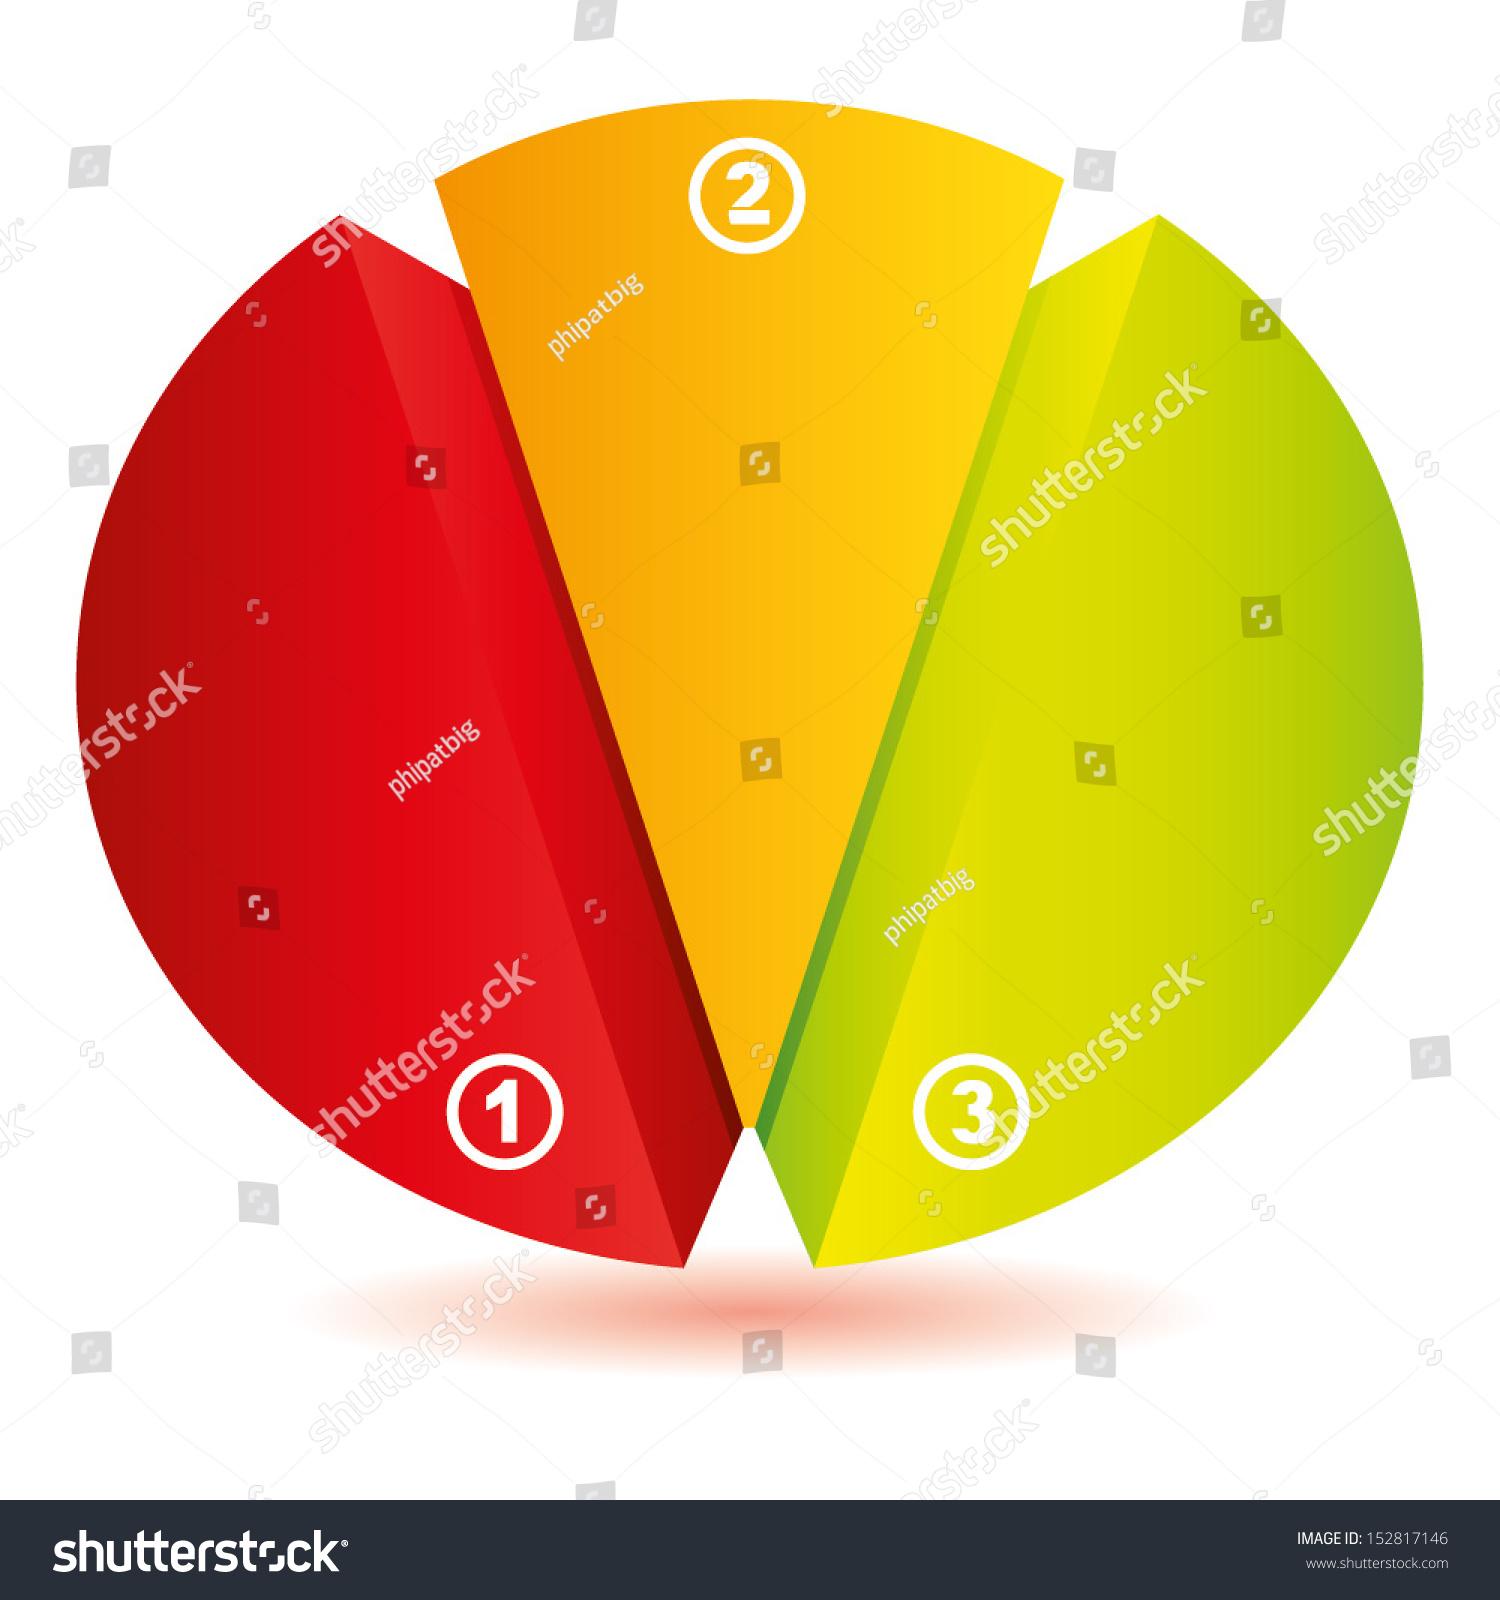 3 topics diagram pie chart concept stock vector 152817146 shutterstock 3 topics diagram pie chart concept diagram geenschuldenfo Gallery